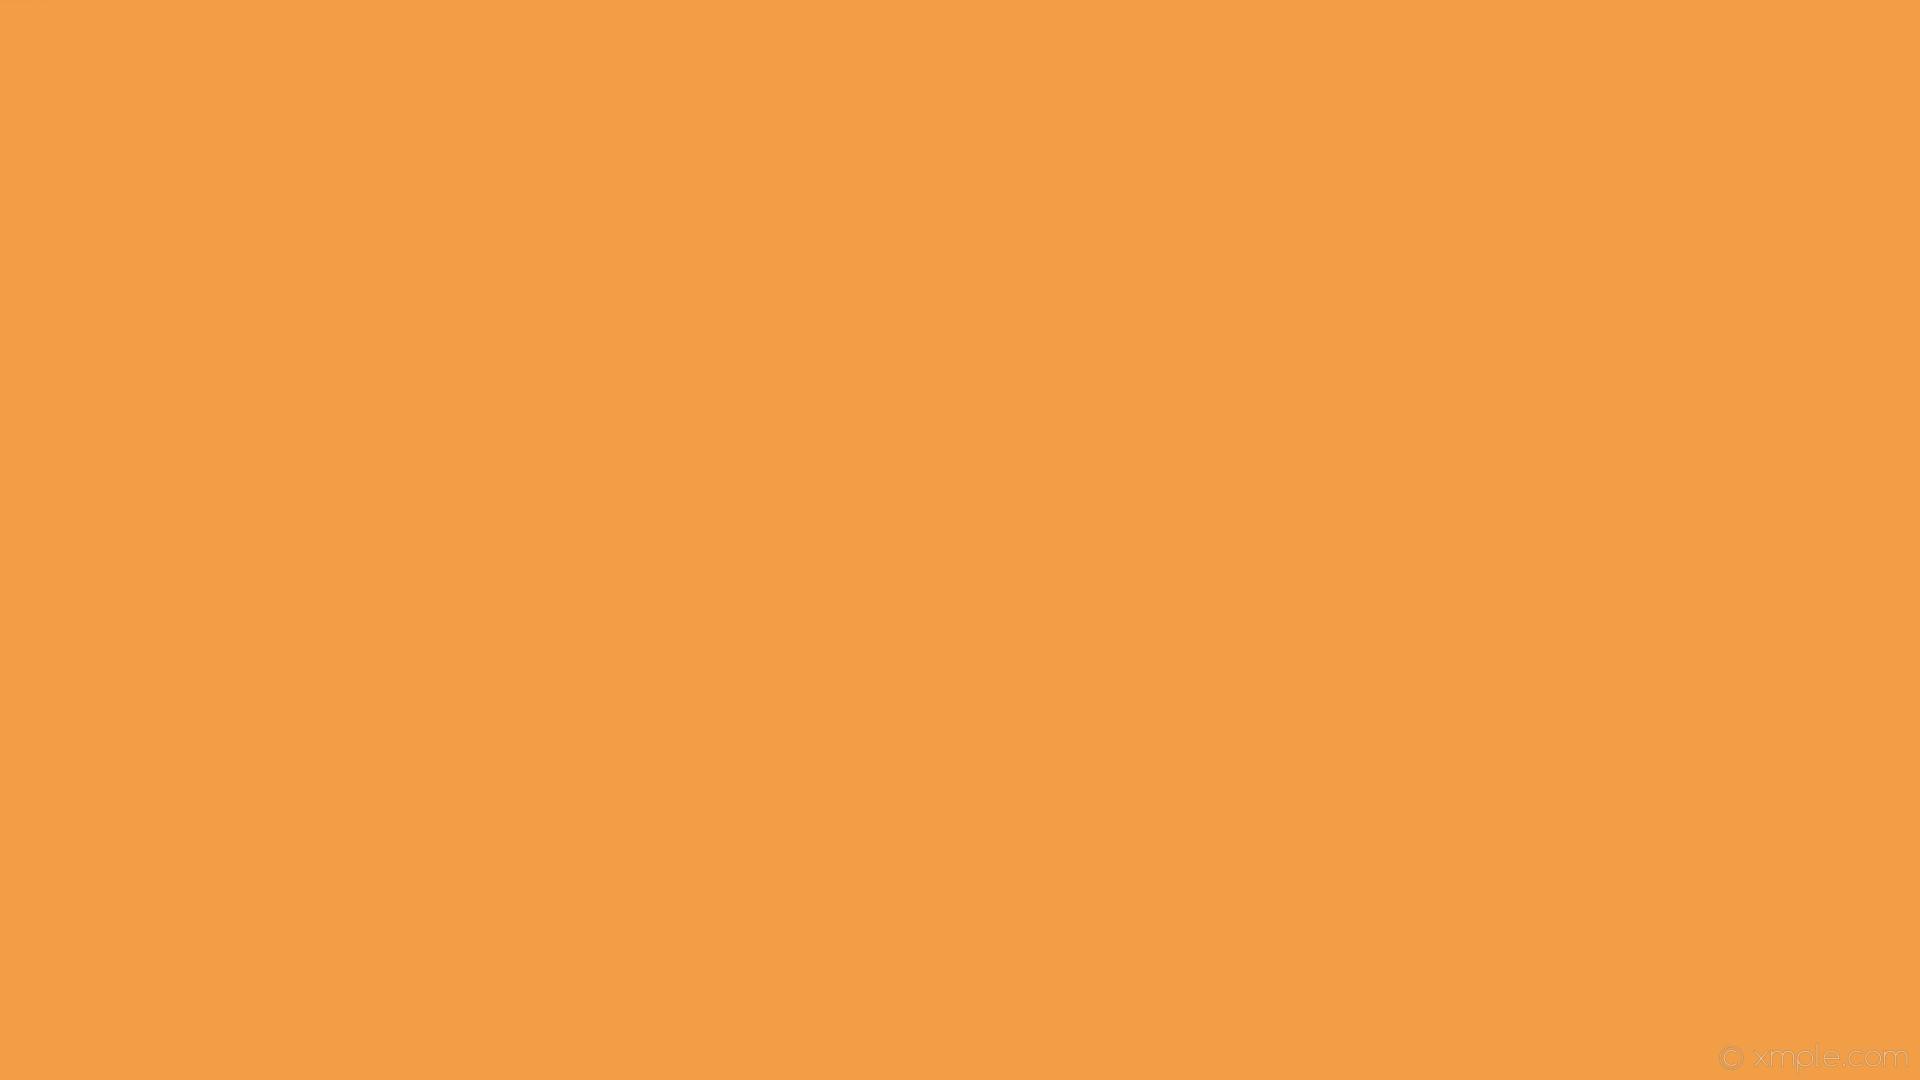 wallpaper single orange plain one colour solid color #f19e46